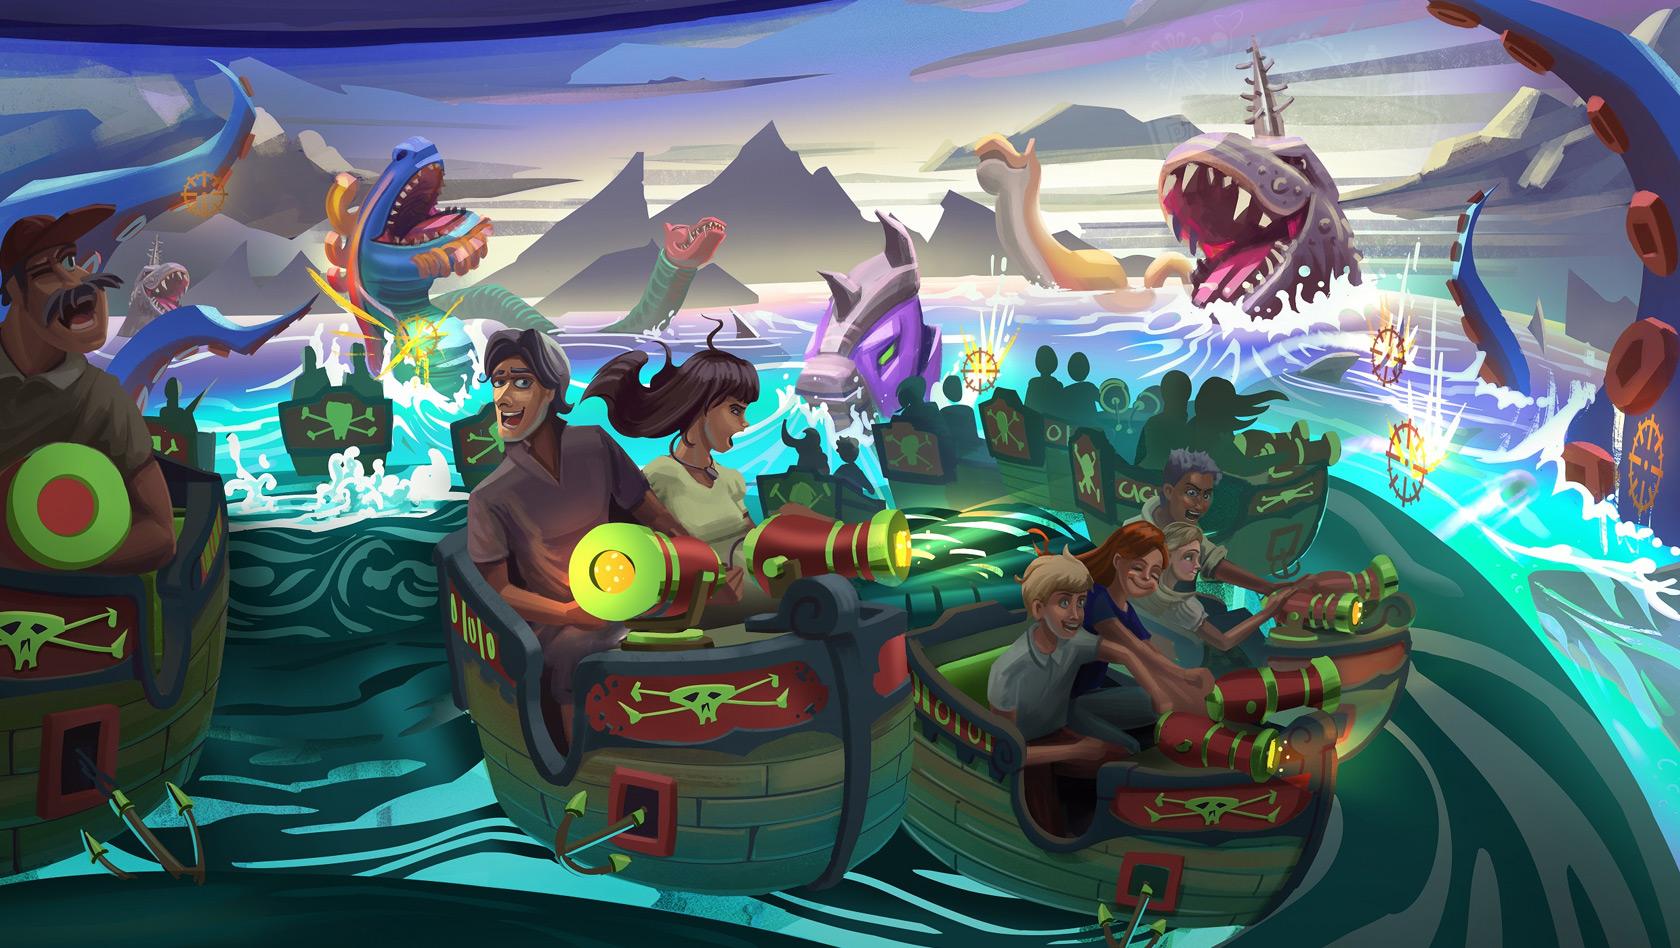 tacumeon-rides-gamestormer-mack-seesturmbahn-interaktiv.jpg